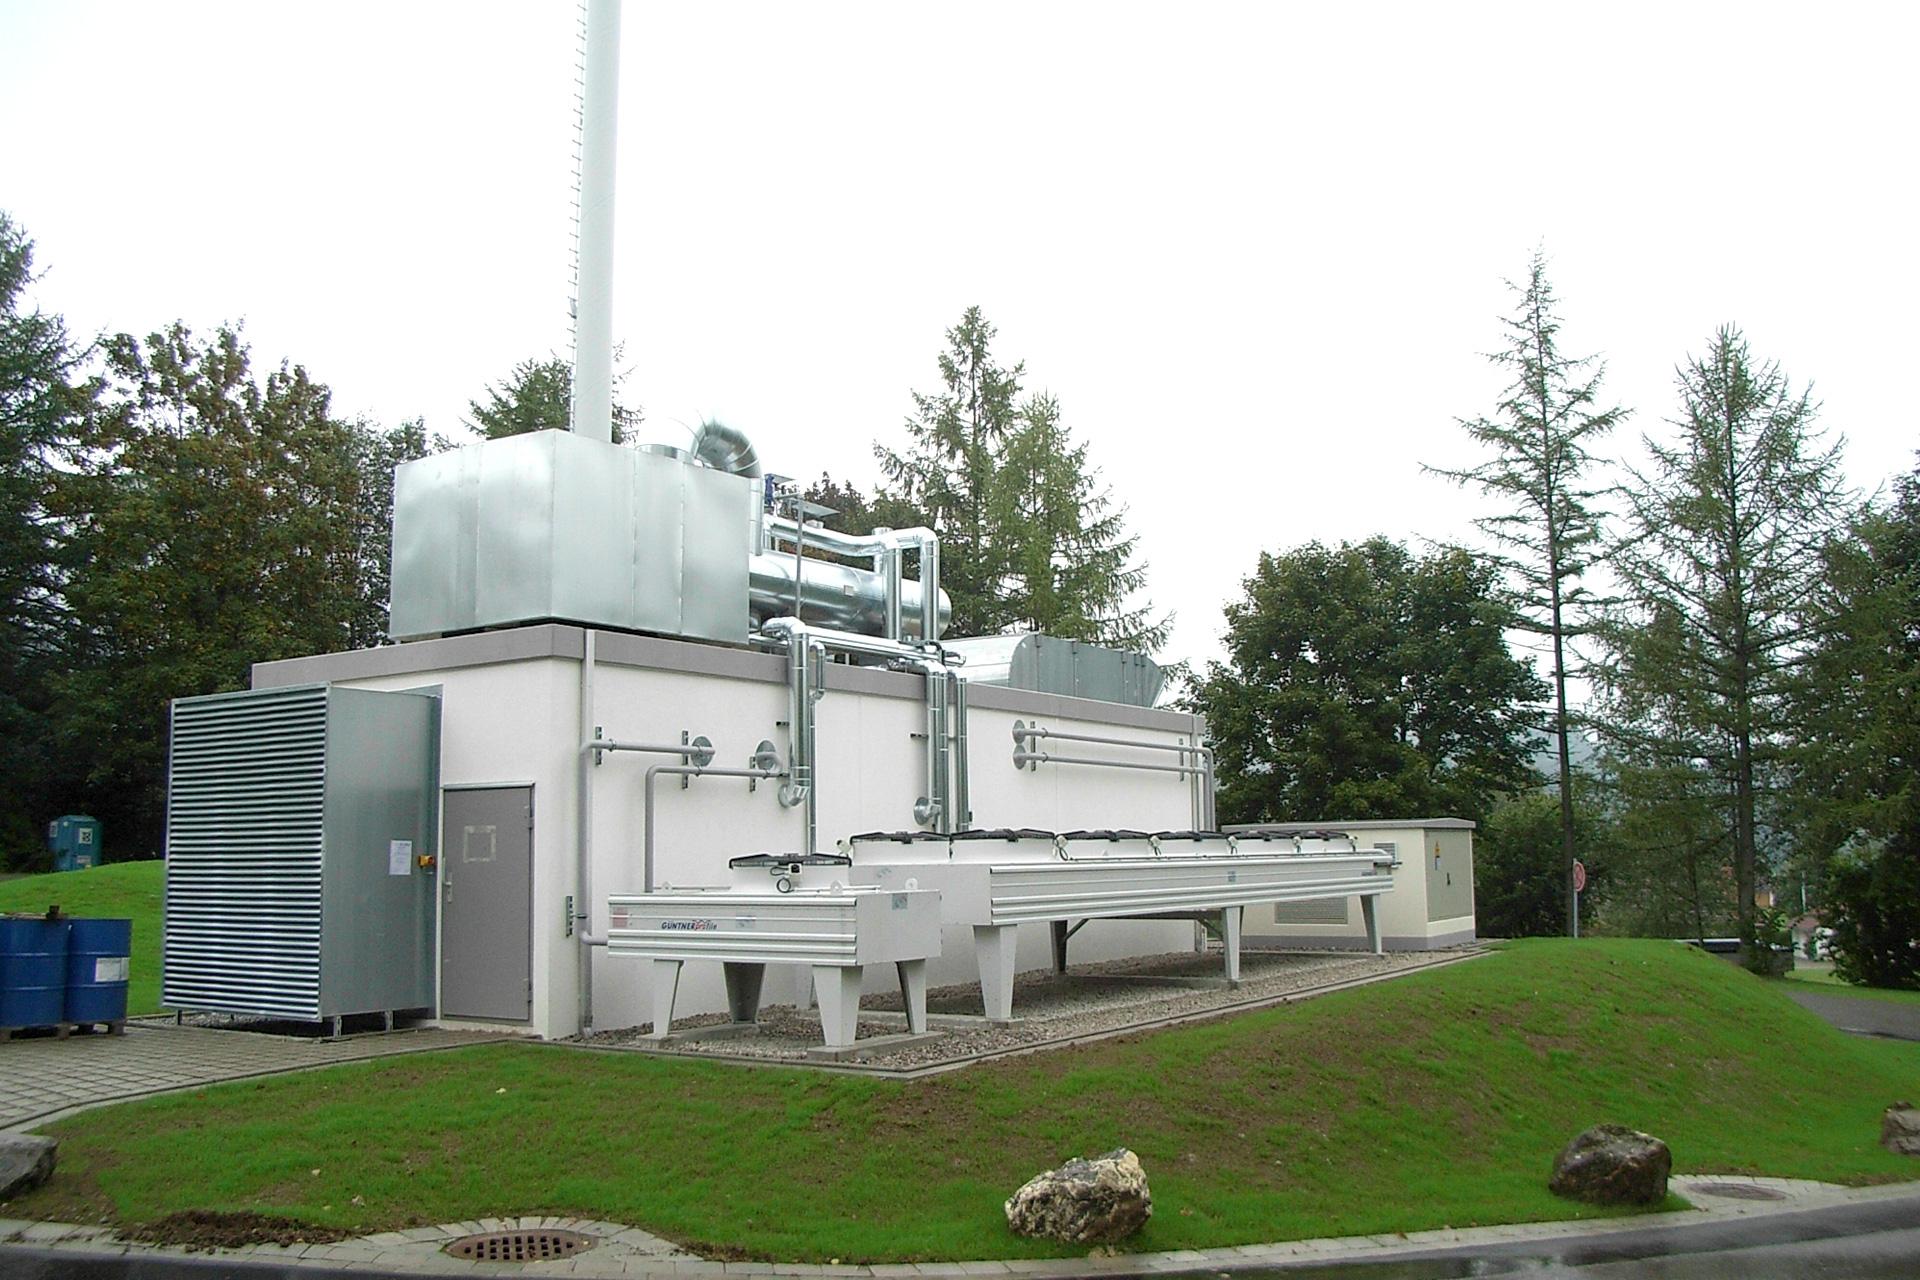 Referenzen, Blockheizkraftwerke, BHKW, 0,8 MW